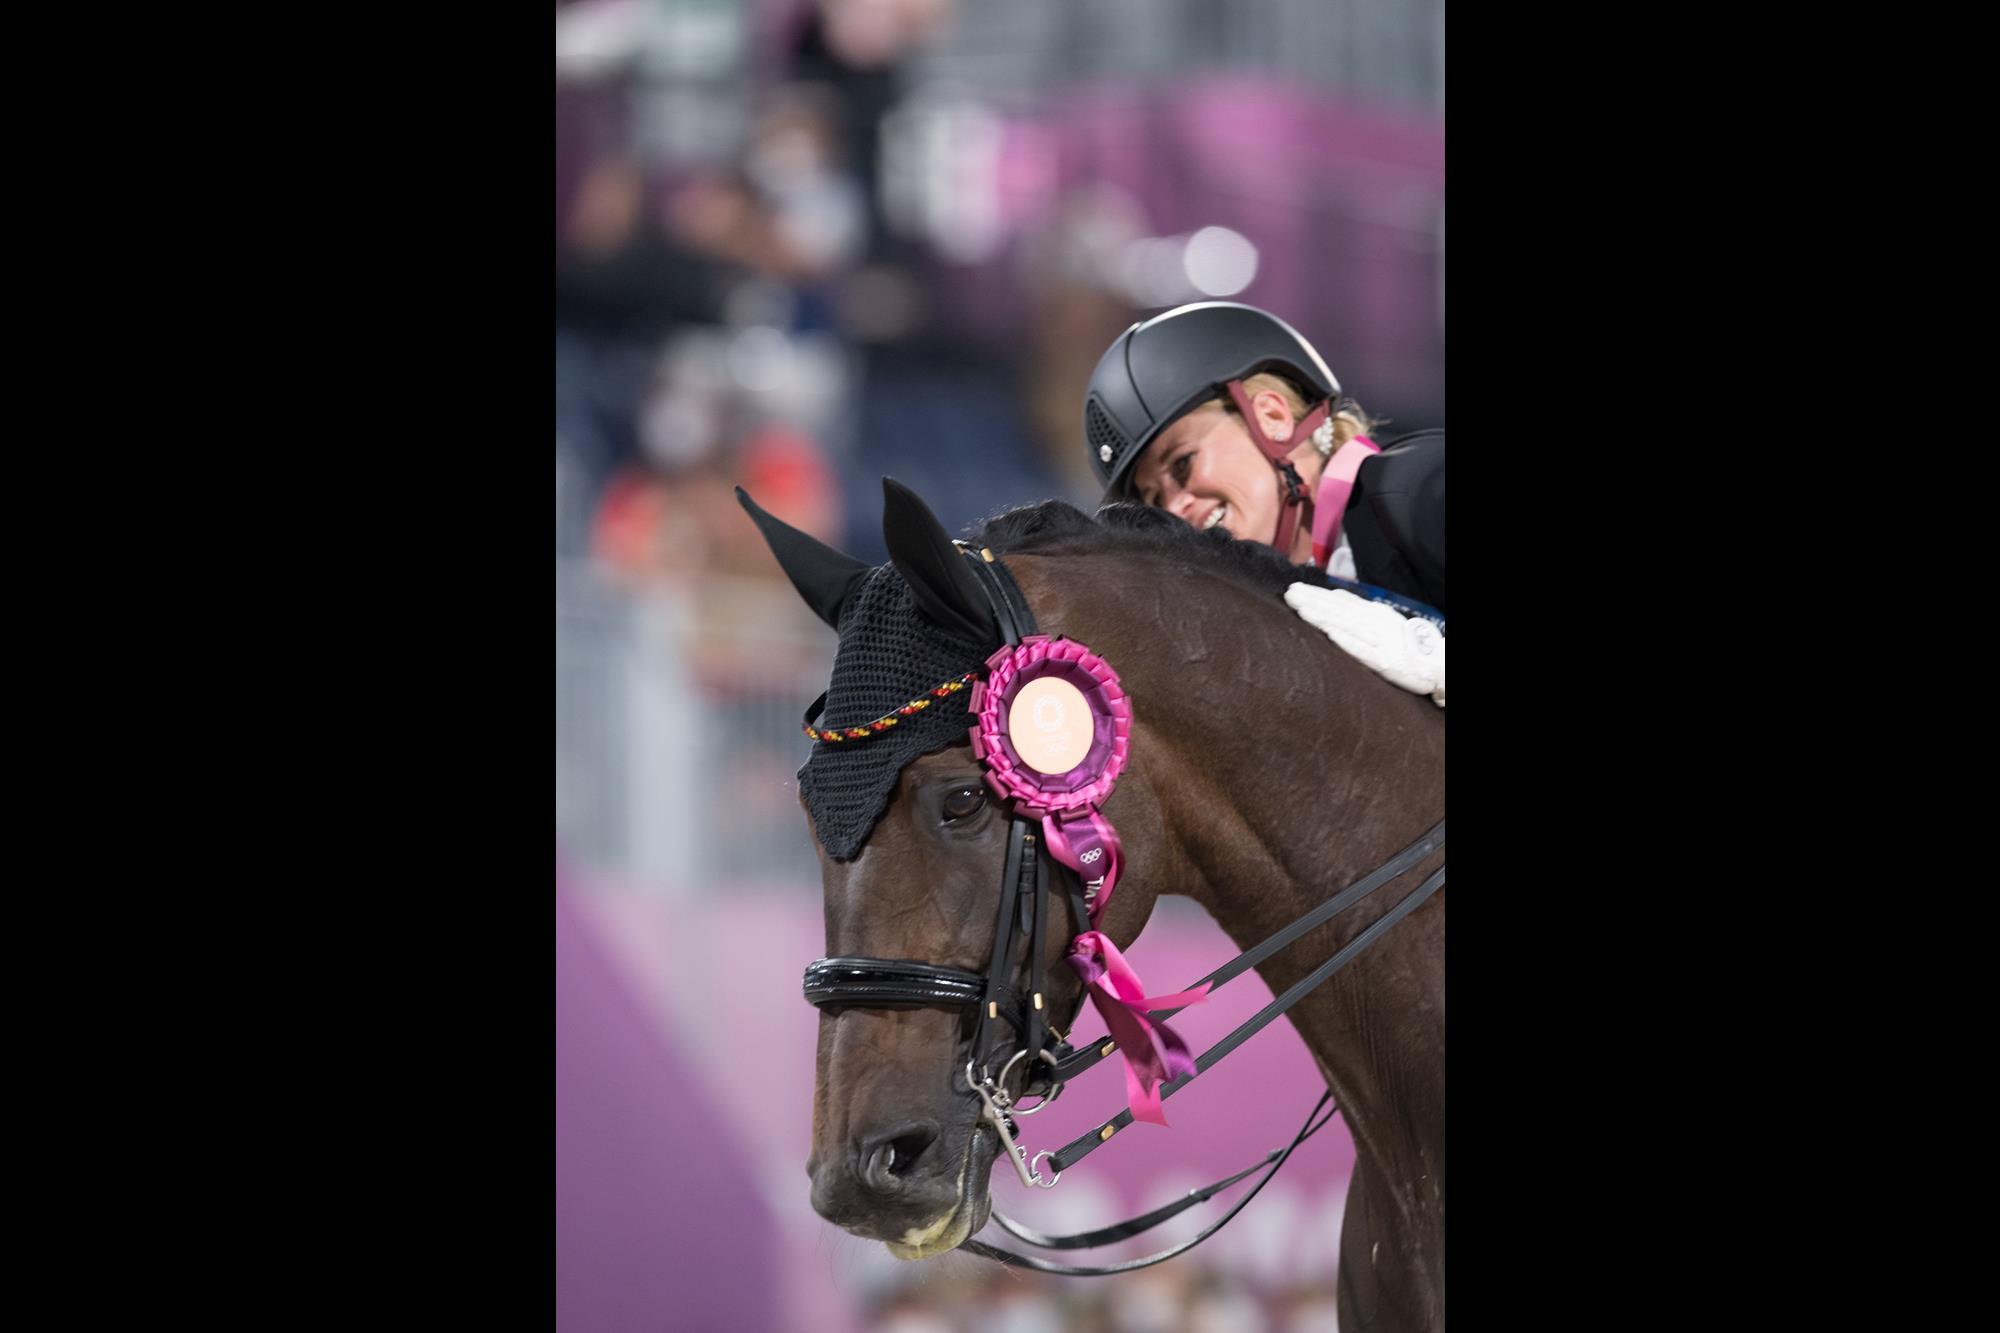 Jessica von Bredow-Werndl dá um carinho na égua Dalera:, Jessica von Bredow-Werndl ,  Dalera, FEI/Shannon Brinkman, Em lágrimas,  Jessica von Bredow-Werndl comemora o Ouro olímpico